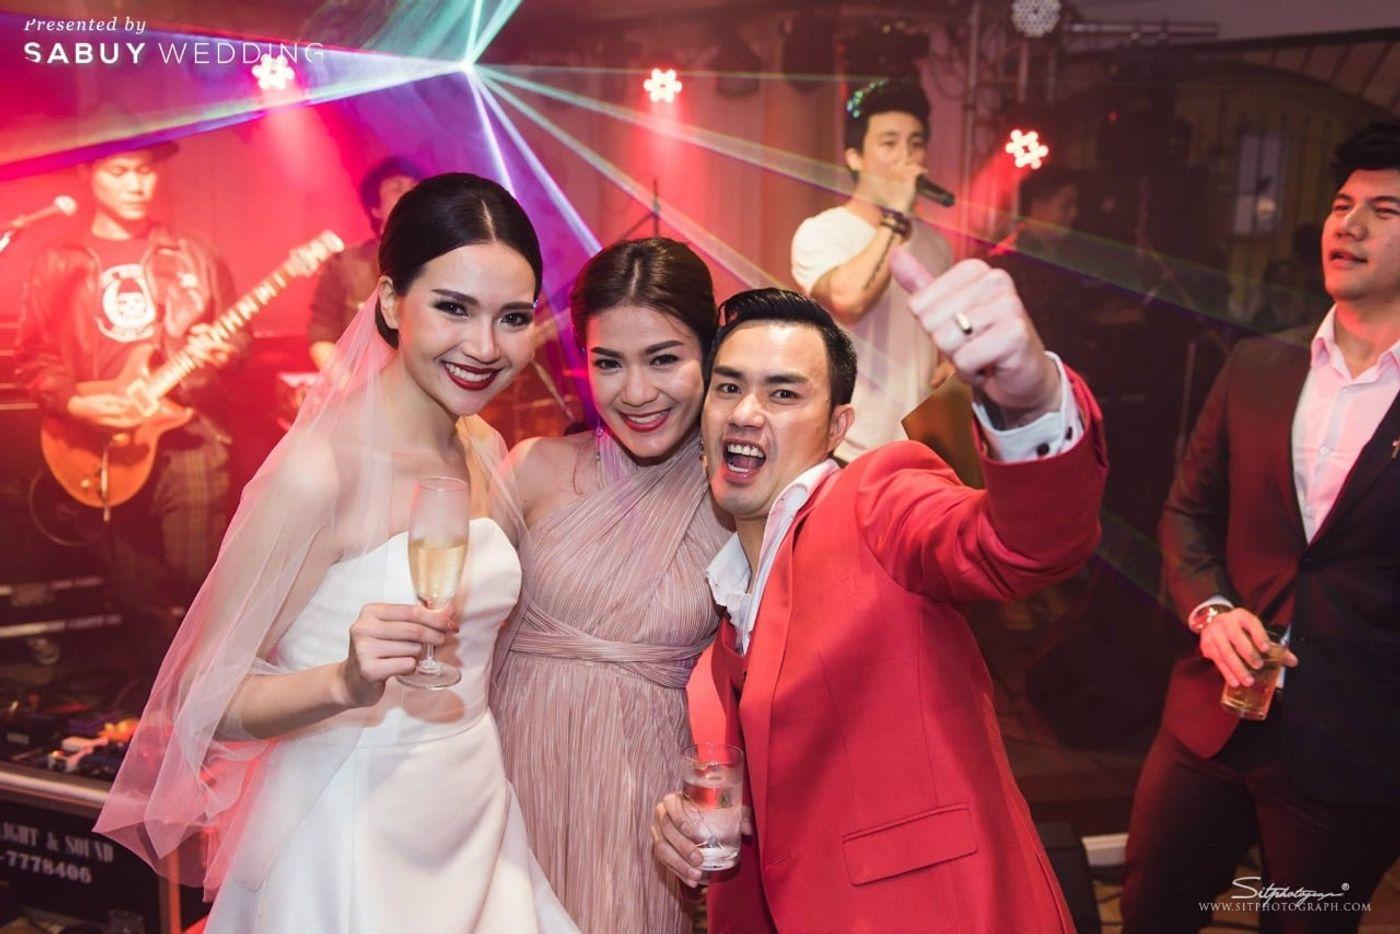 อาฟเตอร์ปาร์ตี้ รีวิวงานแต่งแห่งปีของอยุธยา หรูหราด้วยโทนสี Rose Gold @Krungsri River Hotel